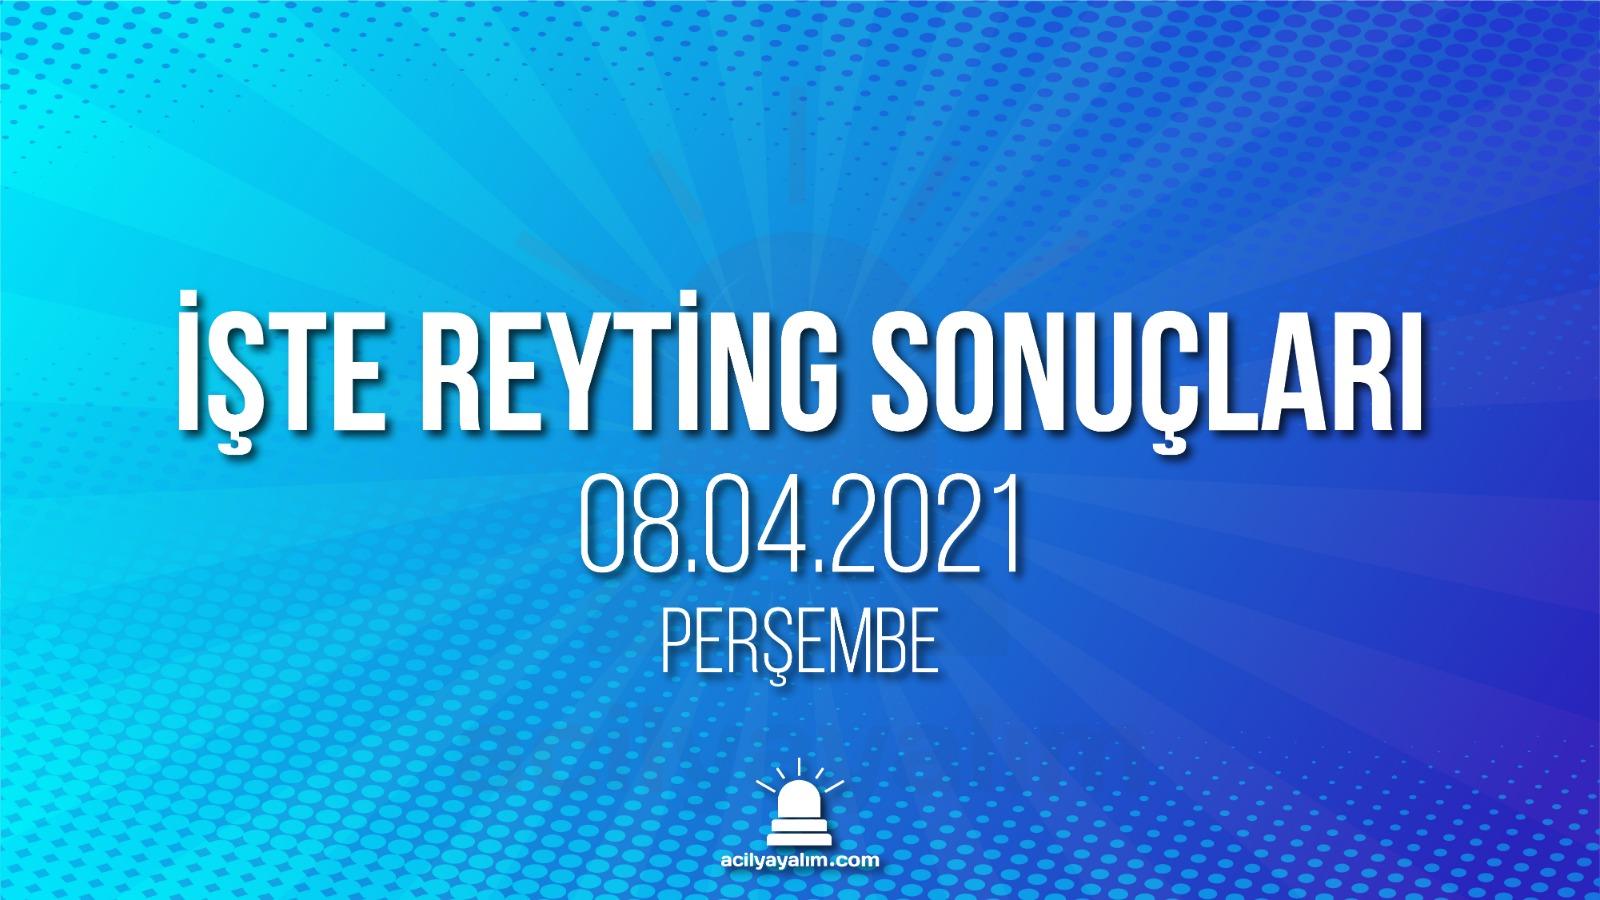 8 Nisan 2021 Perşembe reyting sonuçları